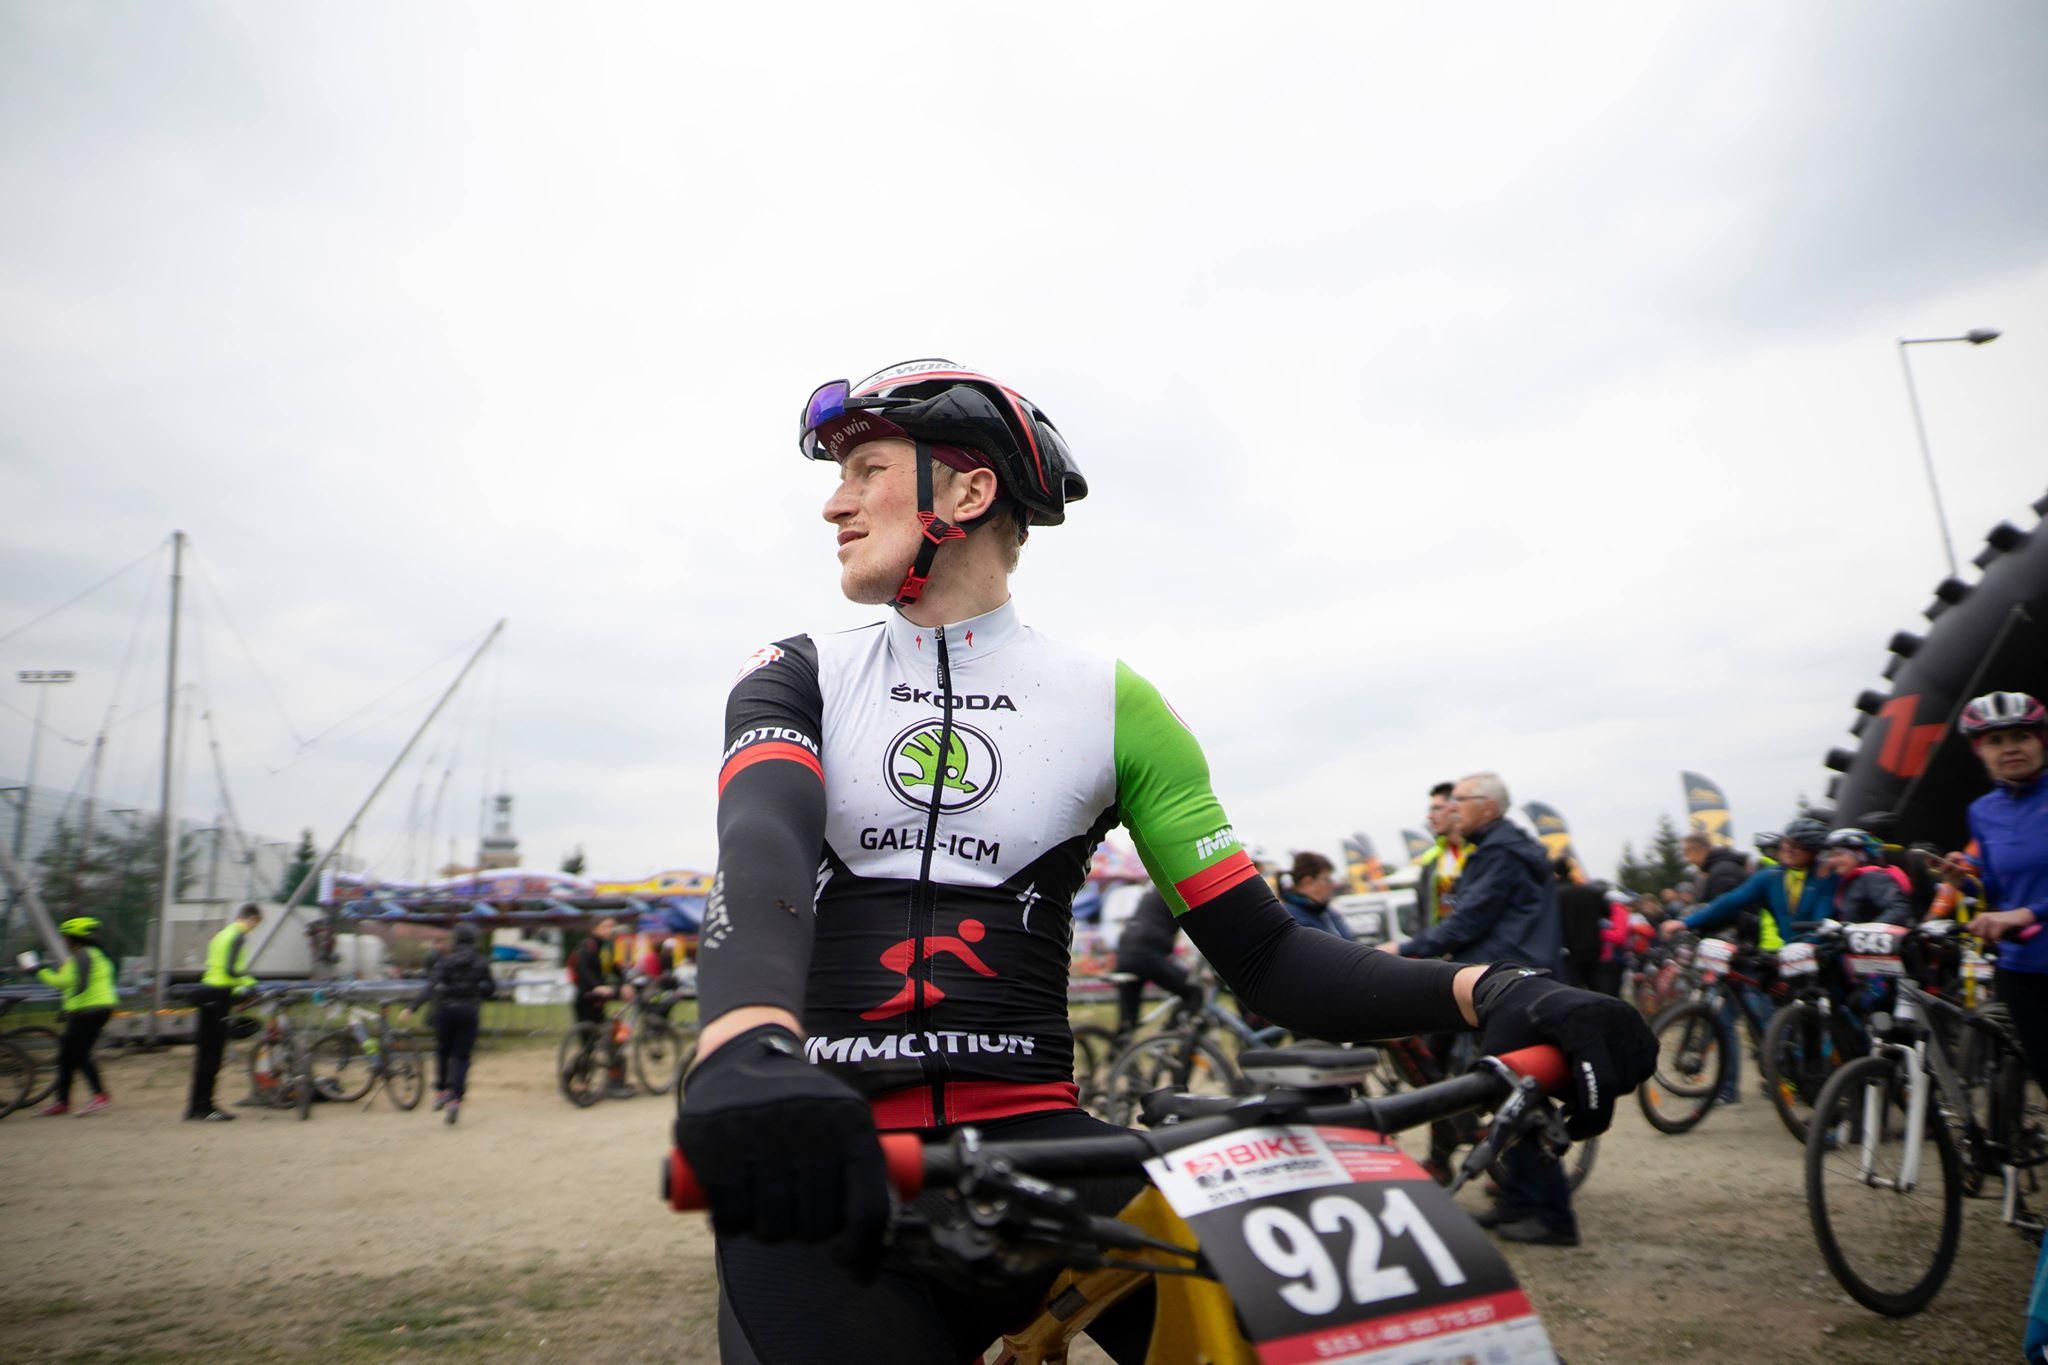 Mikołaj Jurkowlaniec (IM Motion Specialized Skoda Gall ICM Team) – Bike Maraton, Miękinia